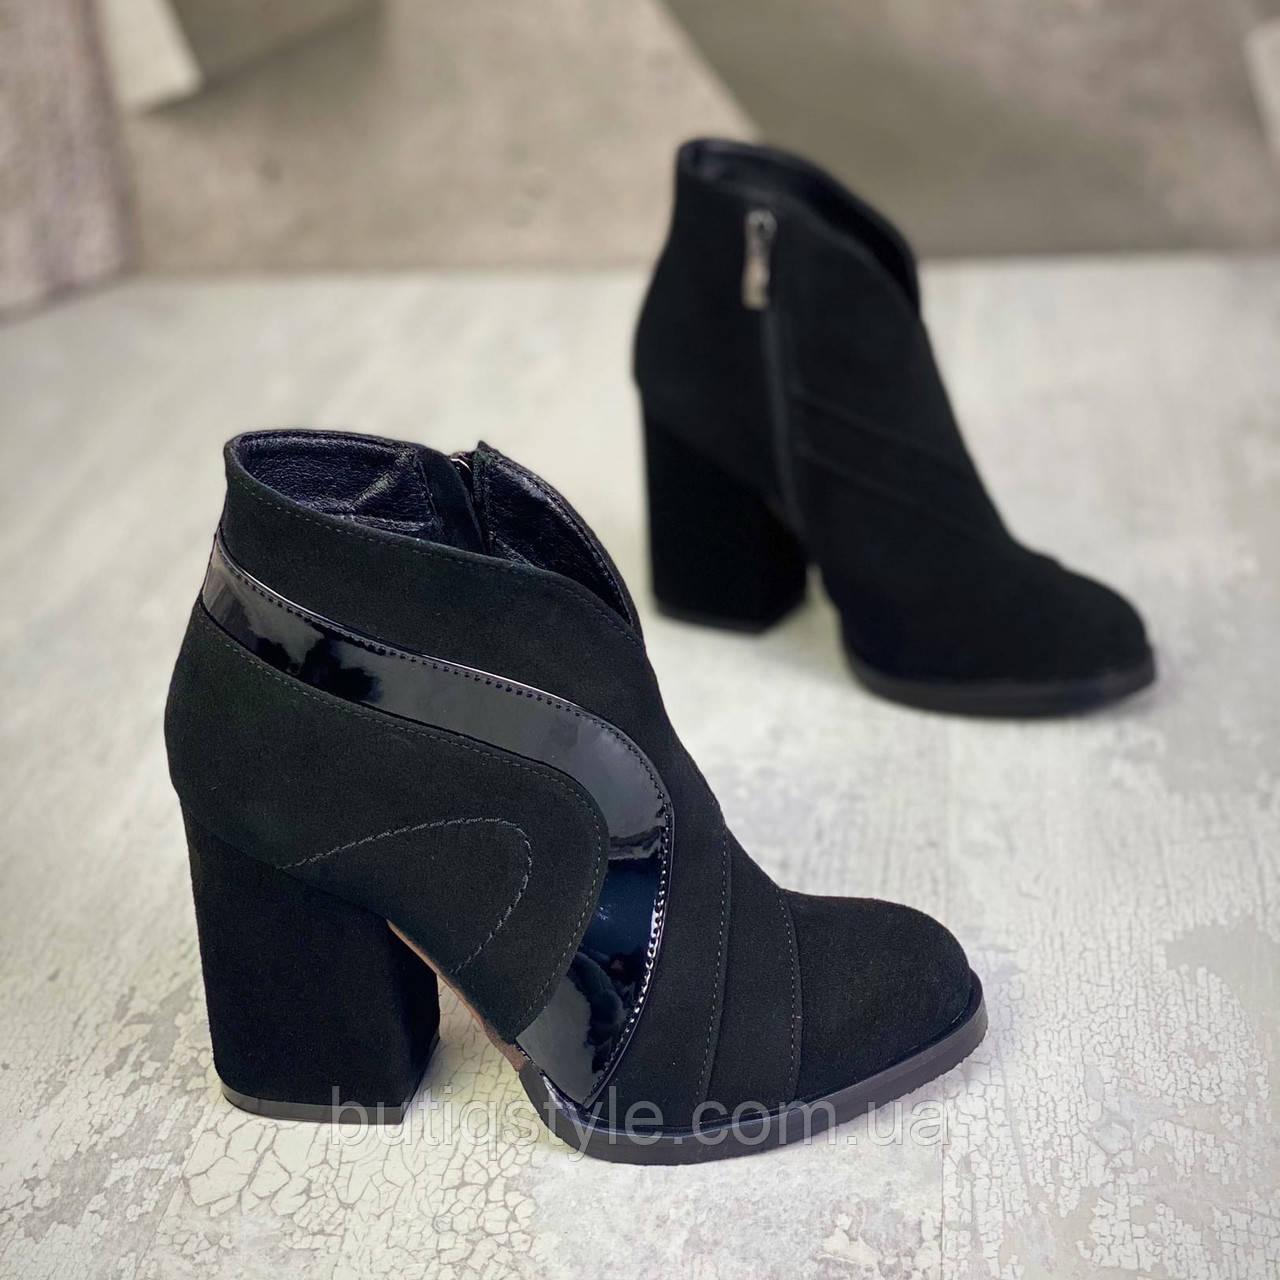 Жіночі чорні черевики натуральна замша+лак на каблукеДеми